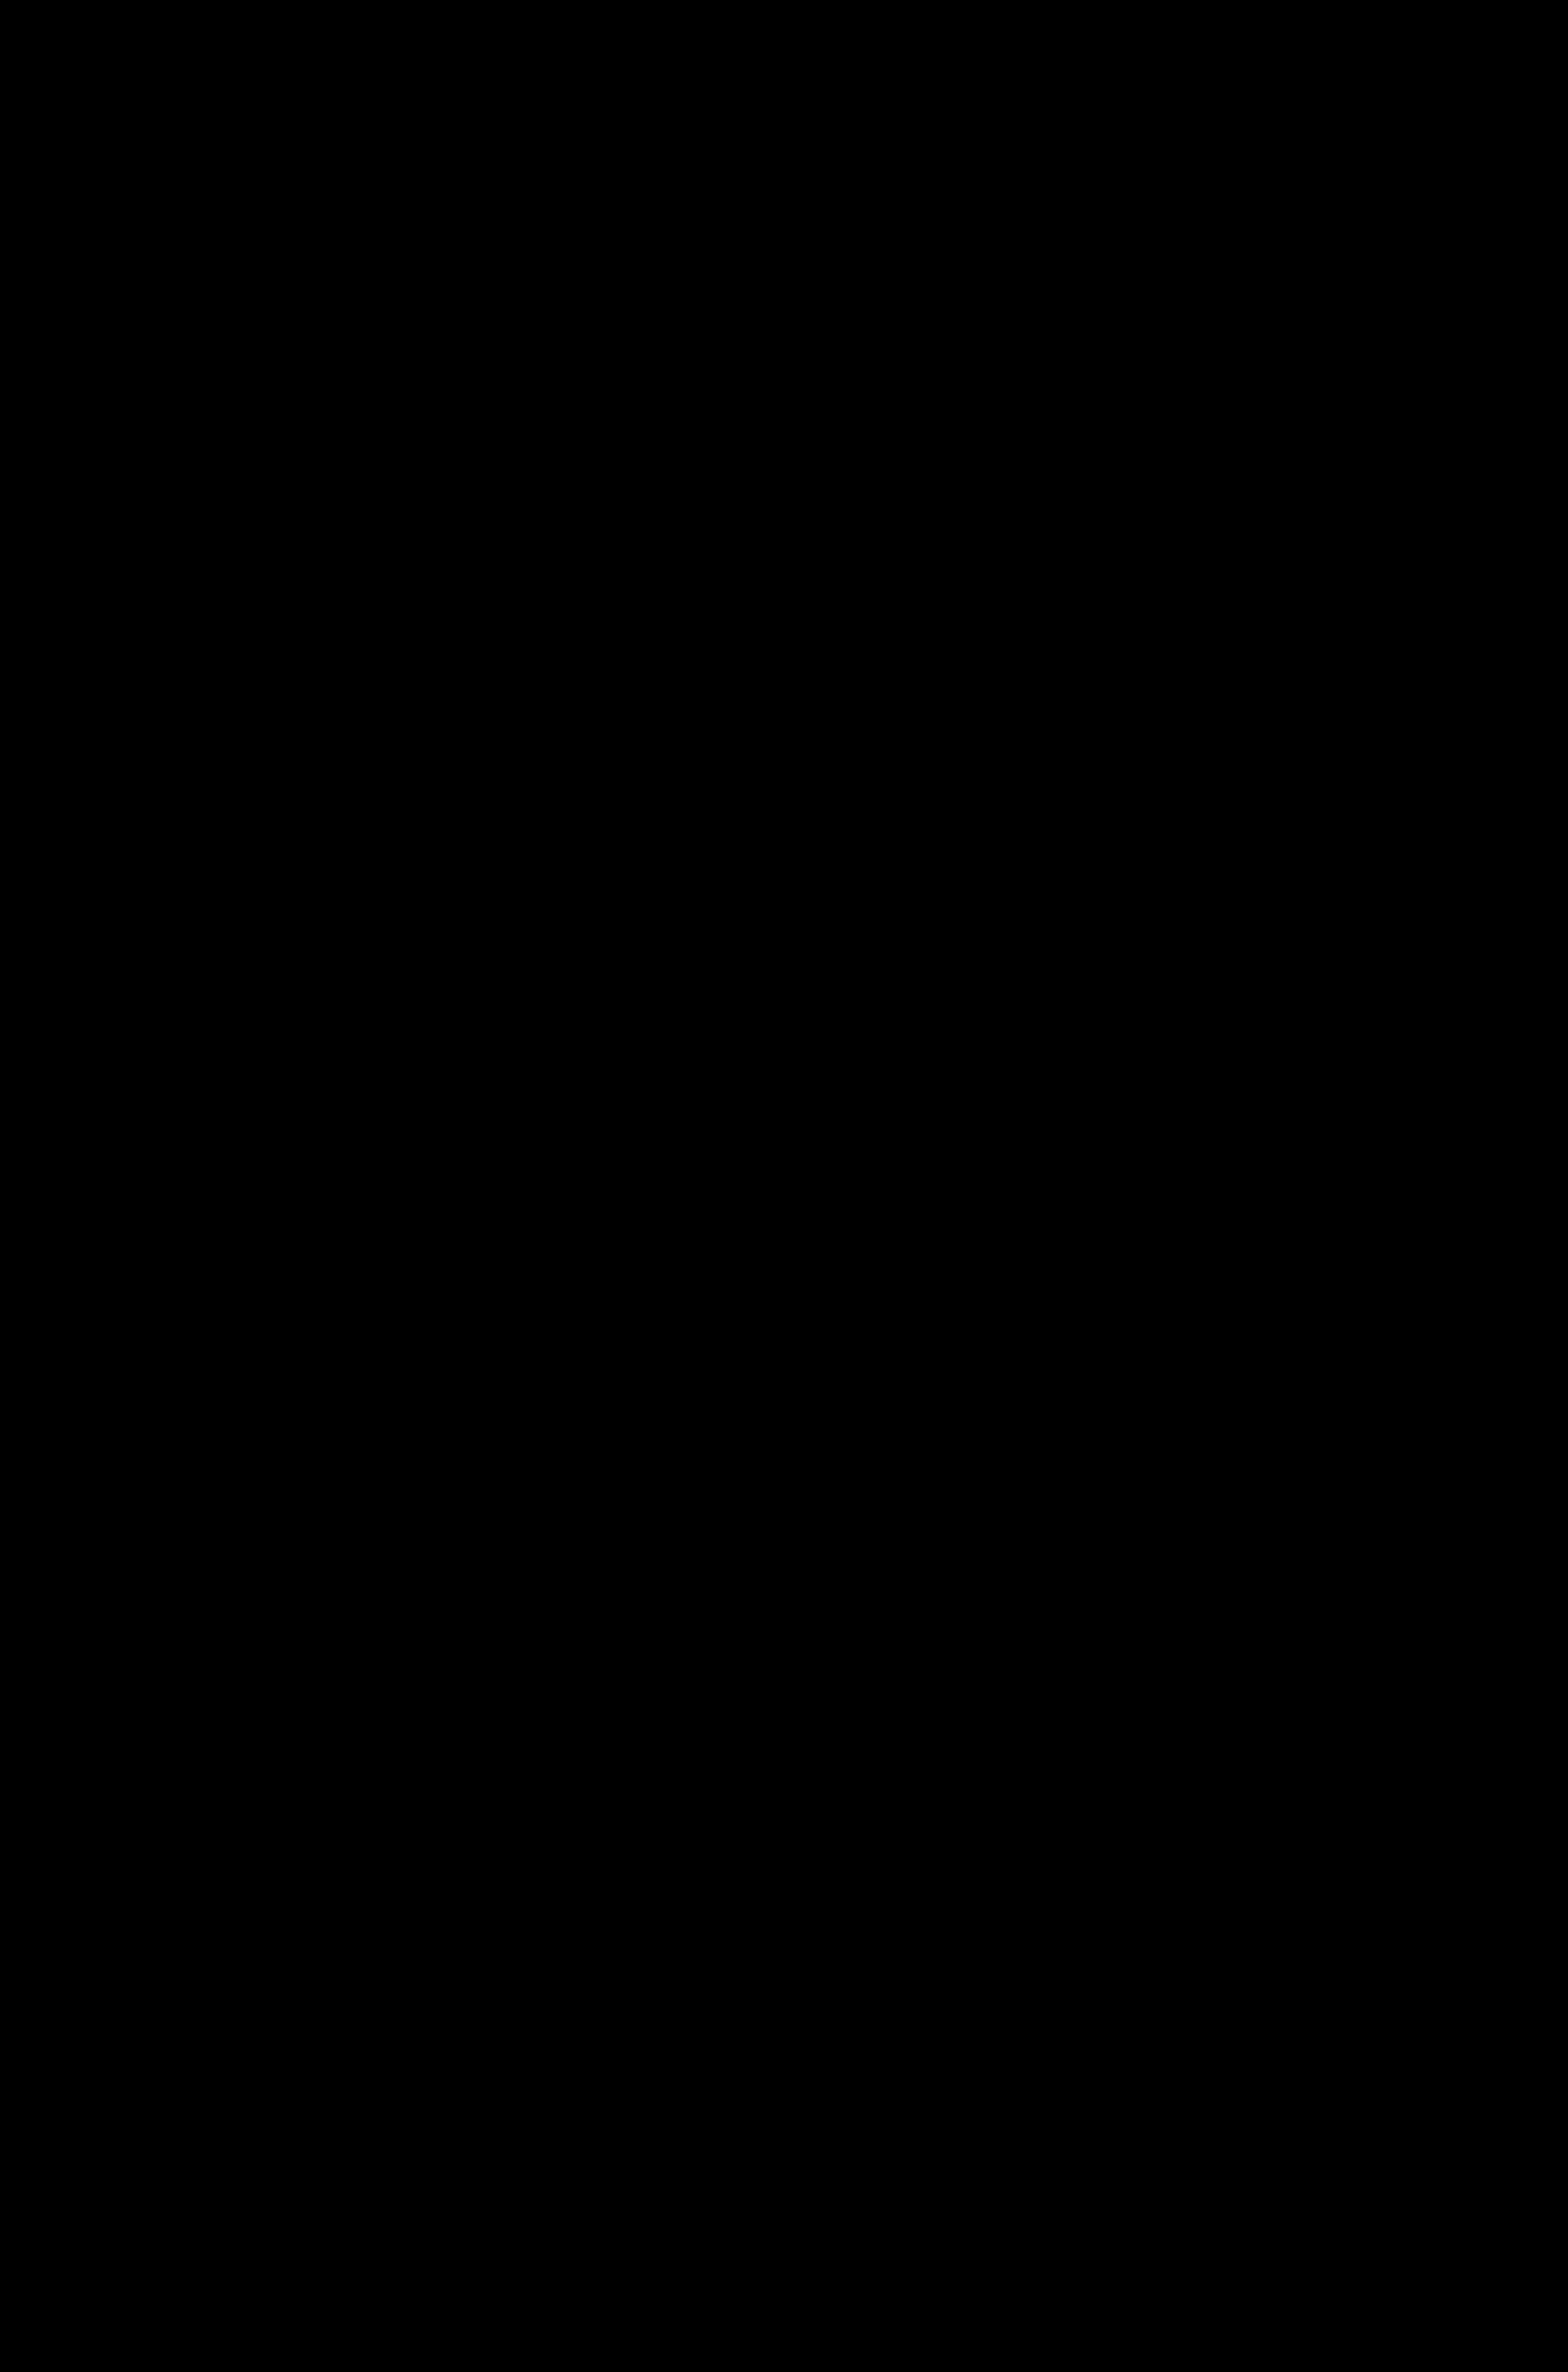 1587x2400 A Ear Vector Clipart Image